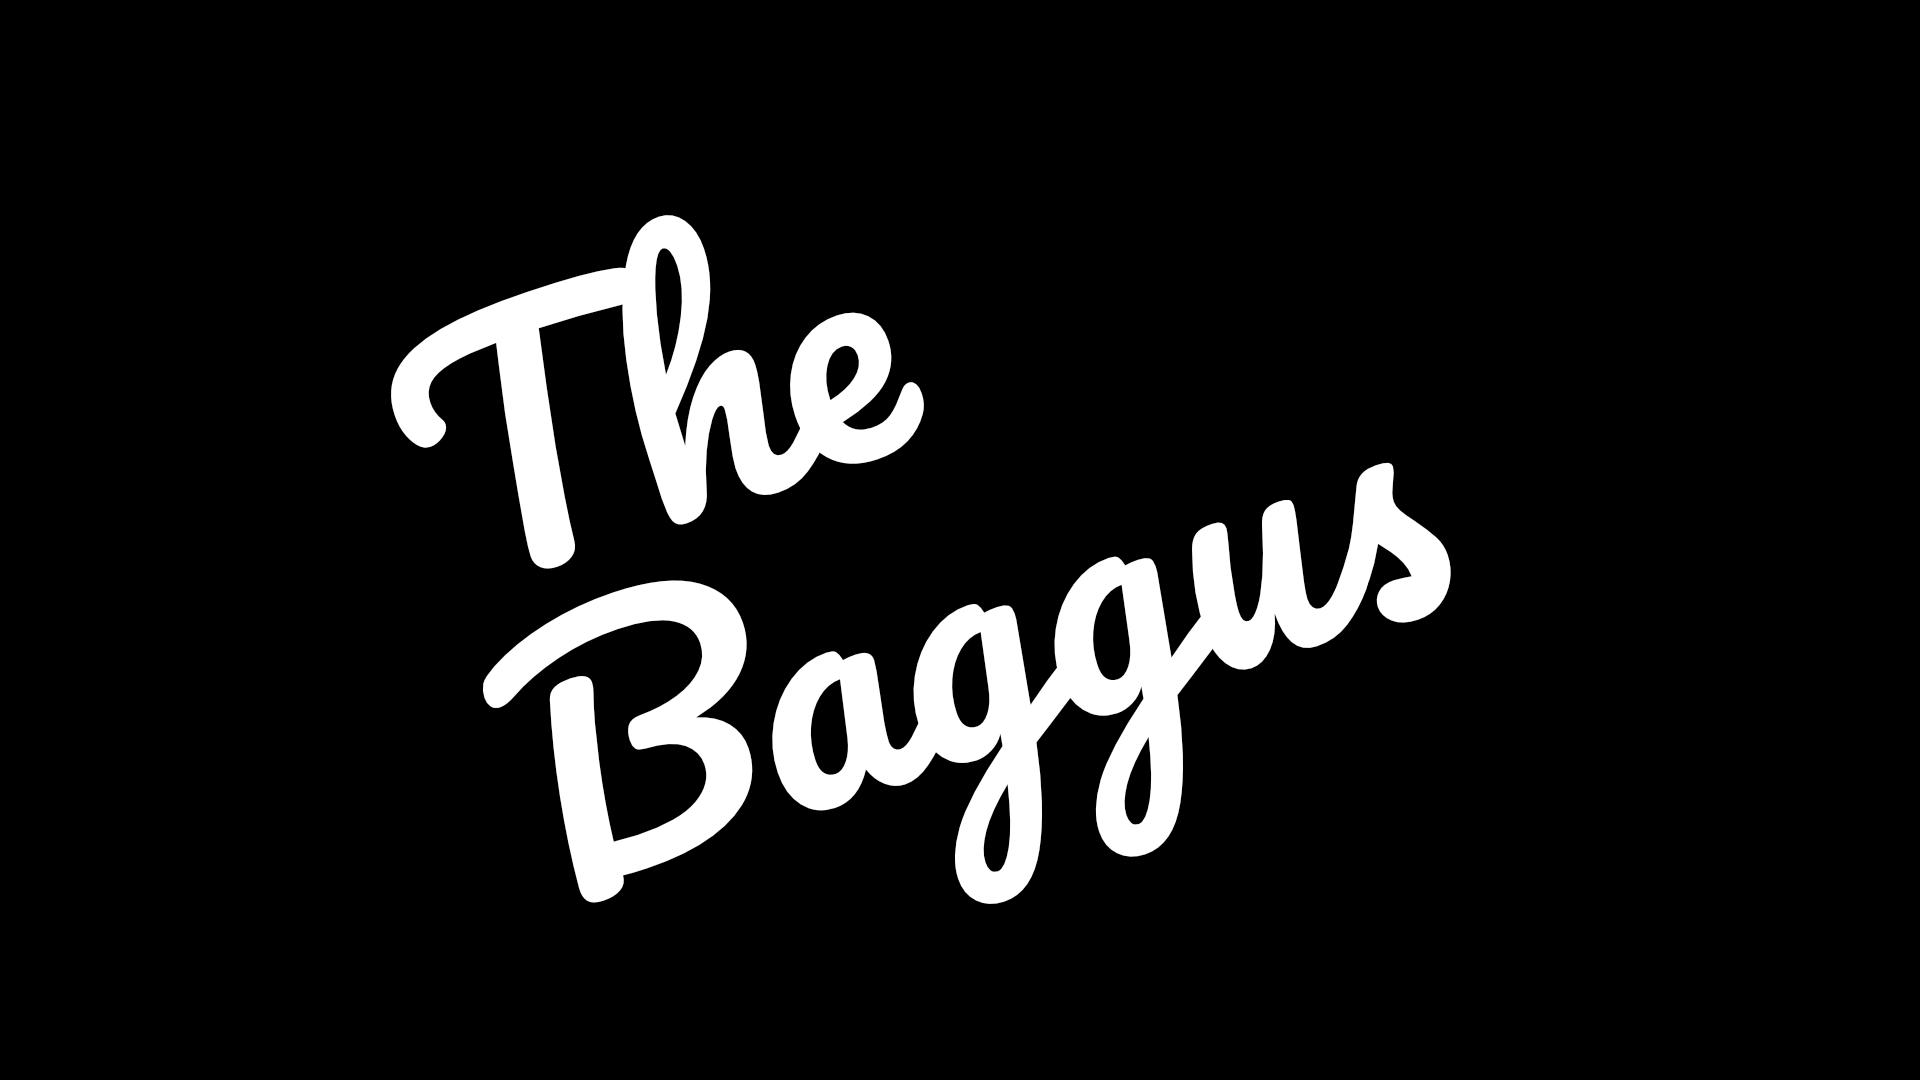 The Baggus